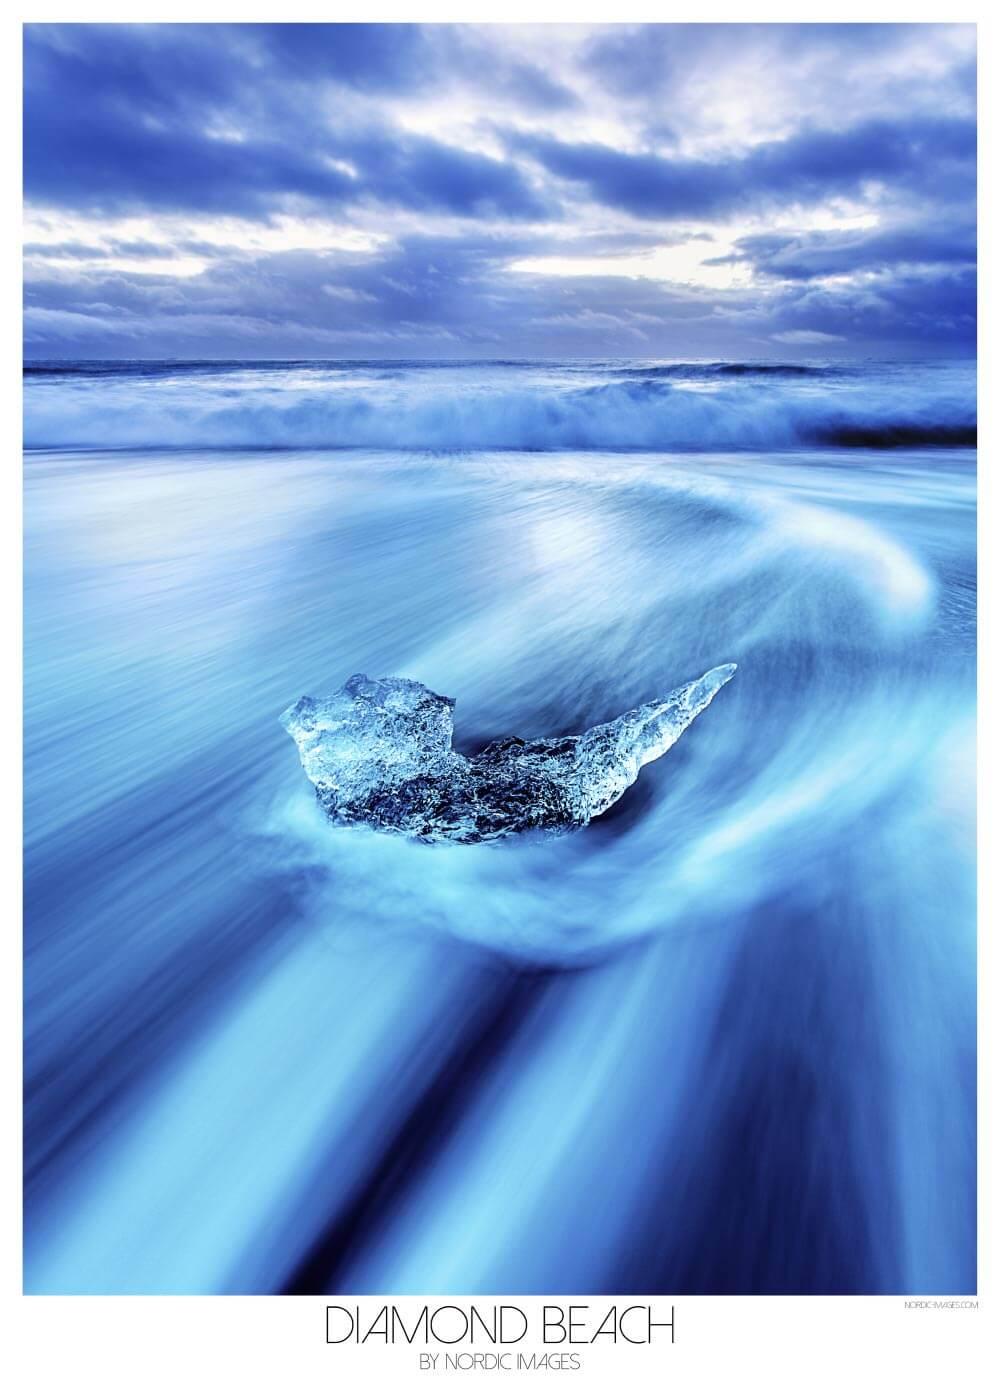 Billede af Diamond beach - Brian Lichtenstein plakat